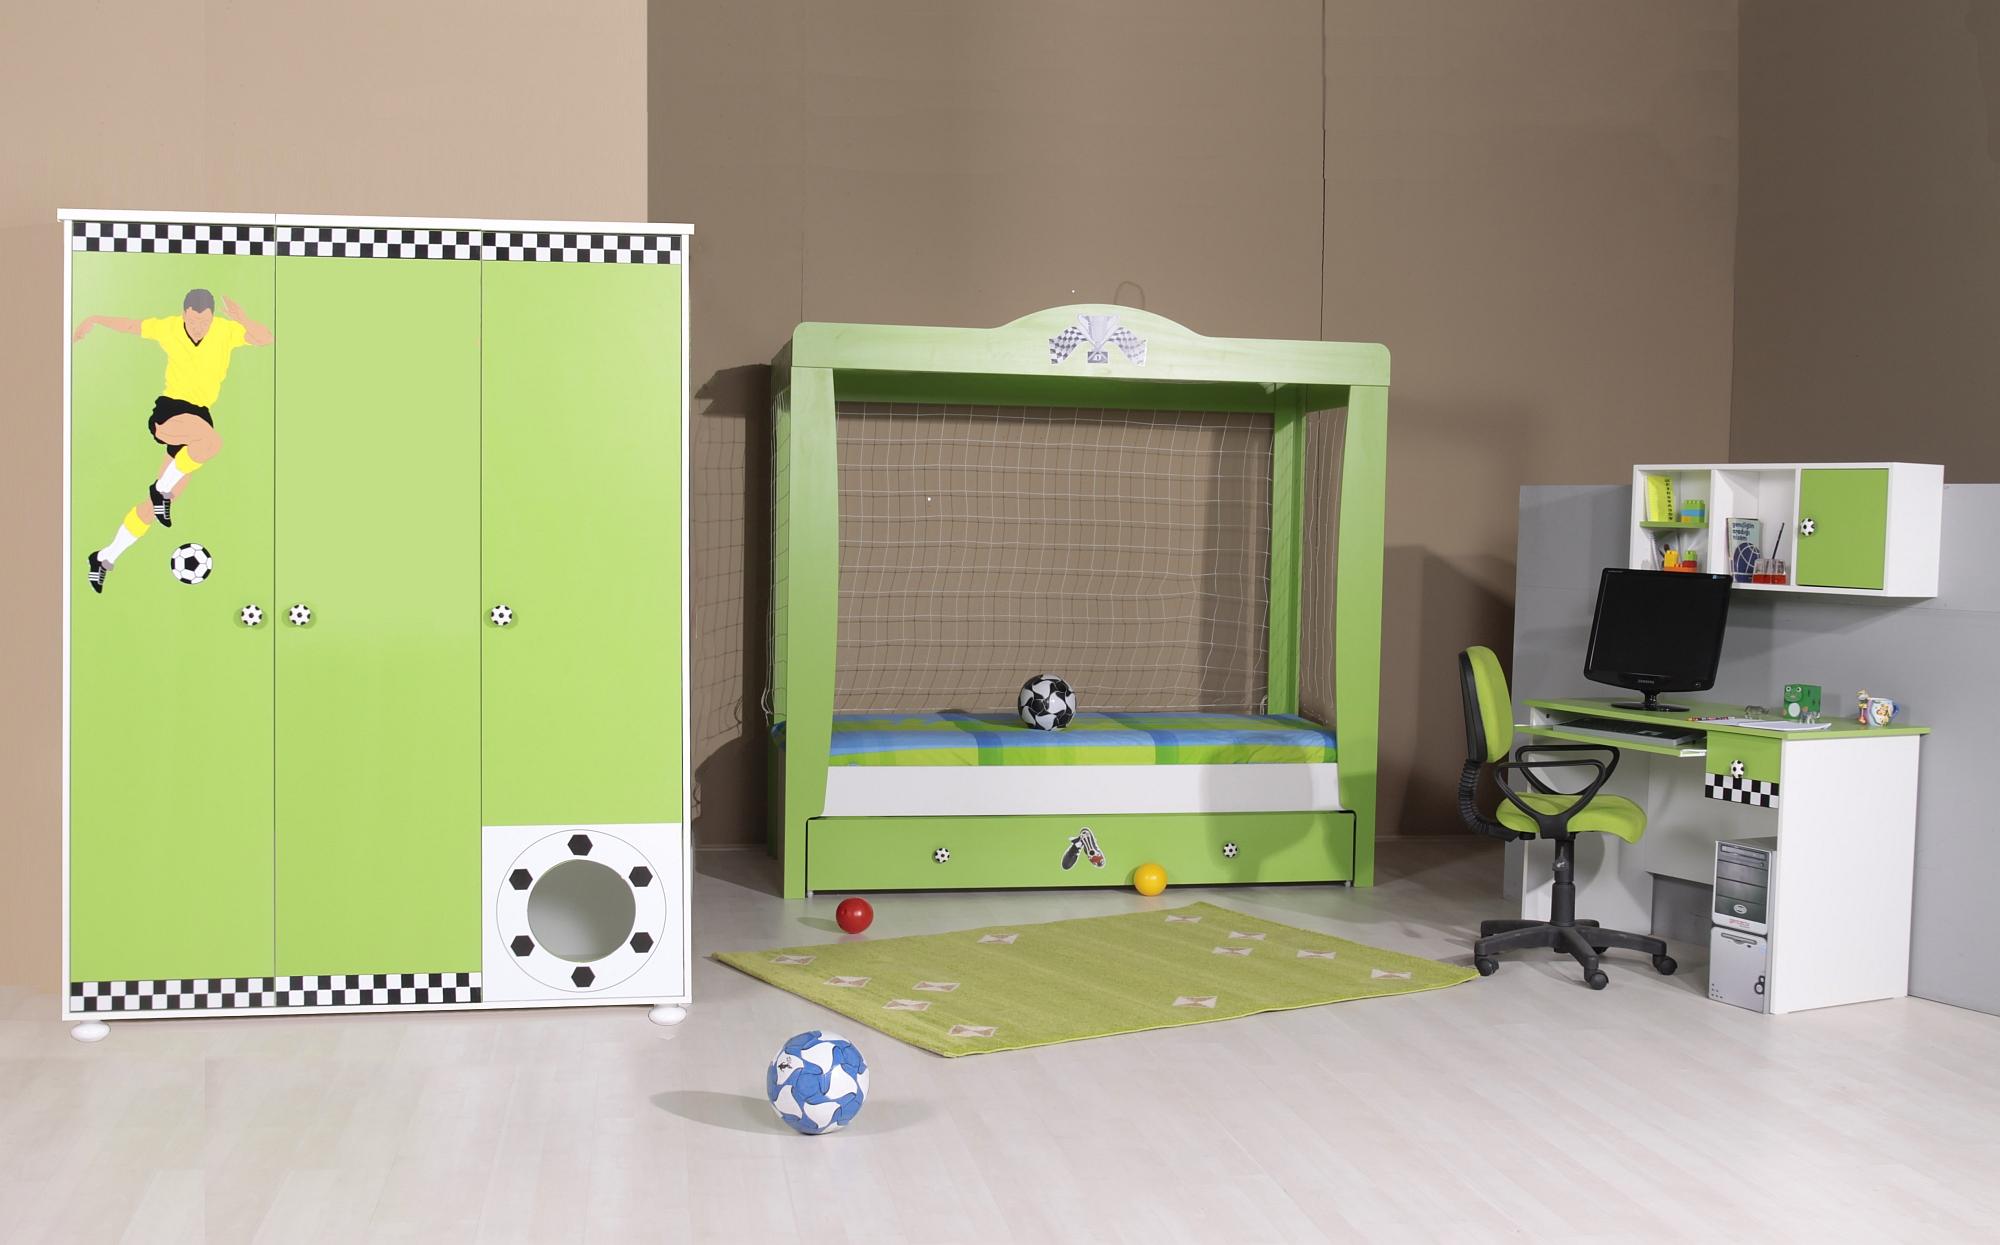 Voetbalkamer Pro Soccer 4delig Specialist in kinderkamers en slaapkamers